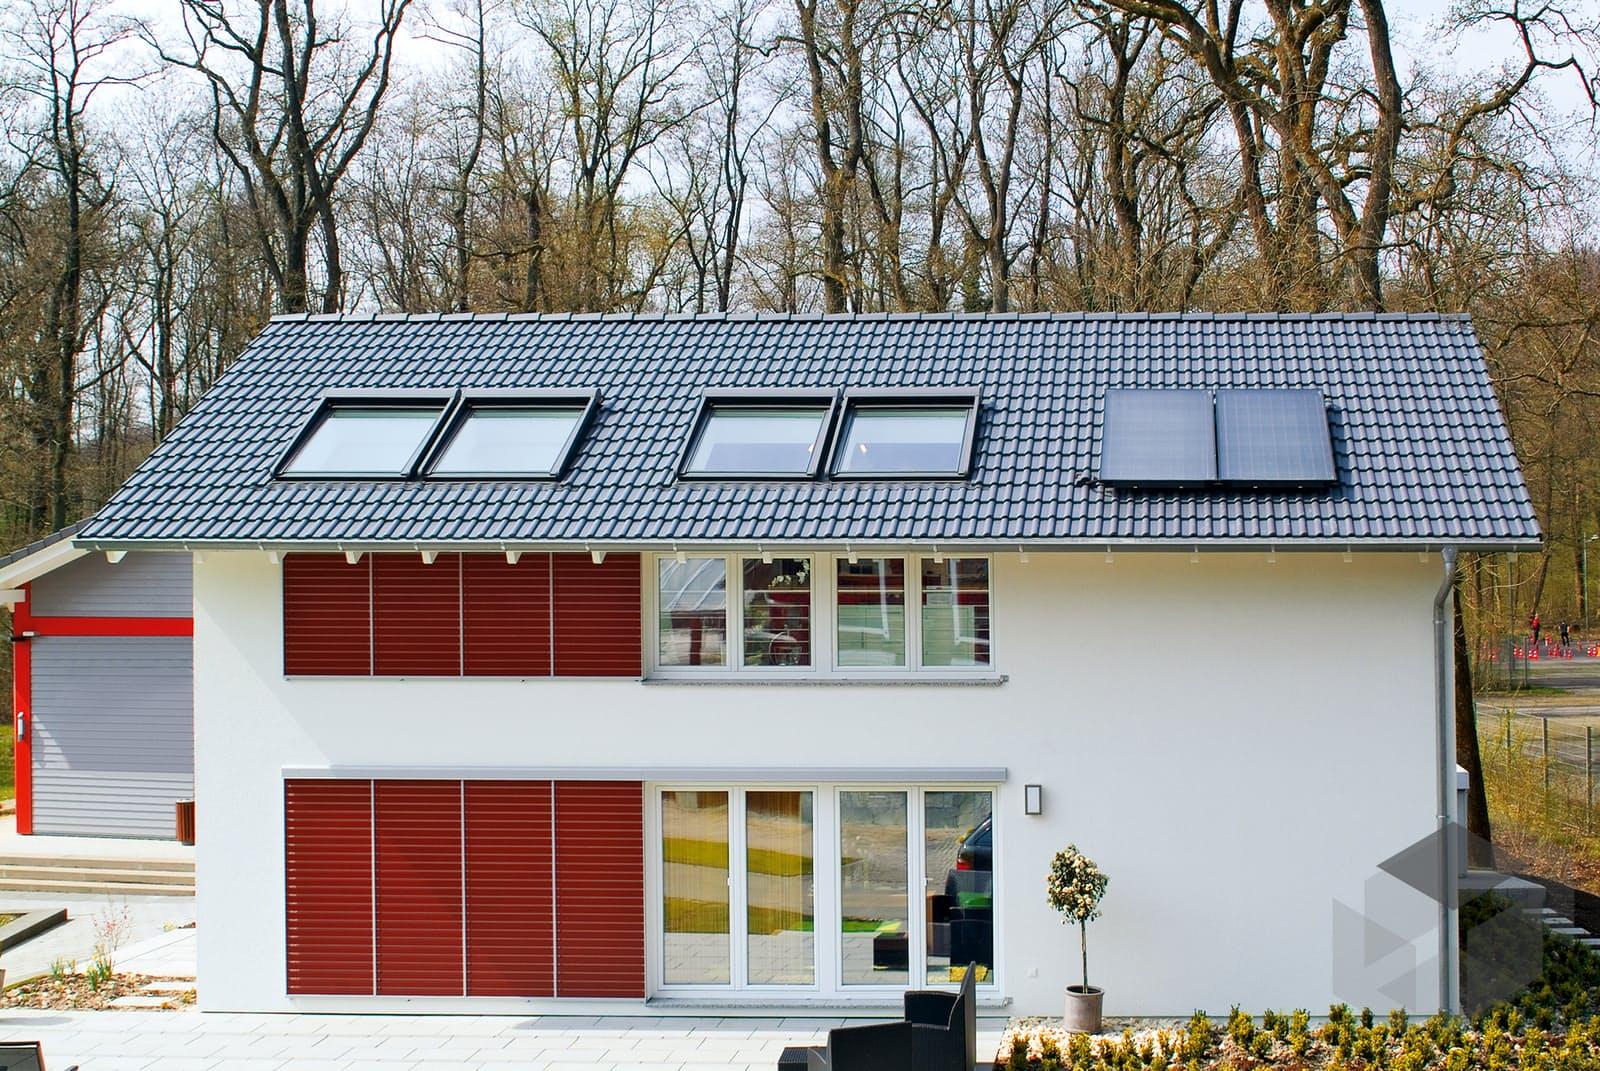 ausstellungshaus rheinau linx sunshine von weberhaus komplette daten bersicht. Black Bedroom Furniture Sets. Home Design Ideas